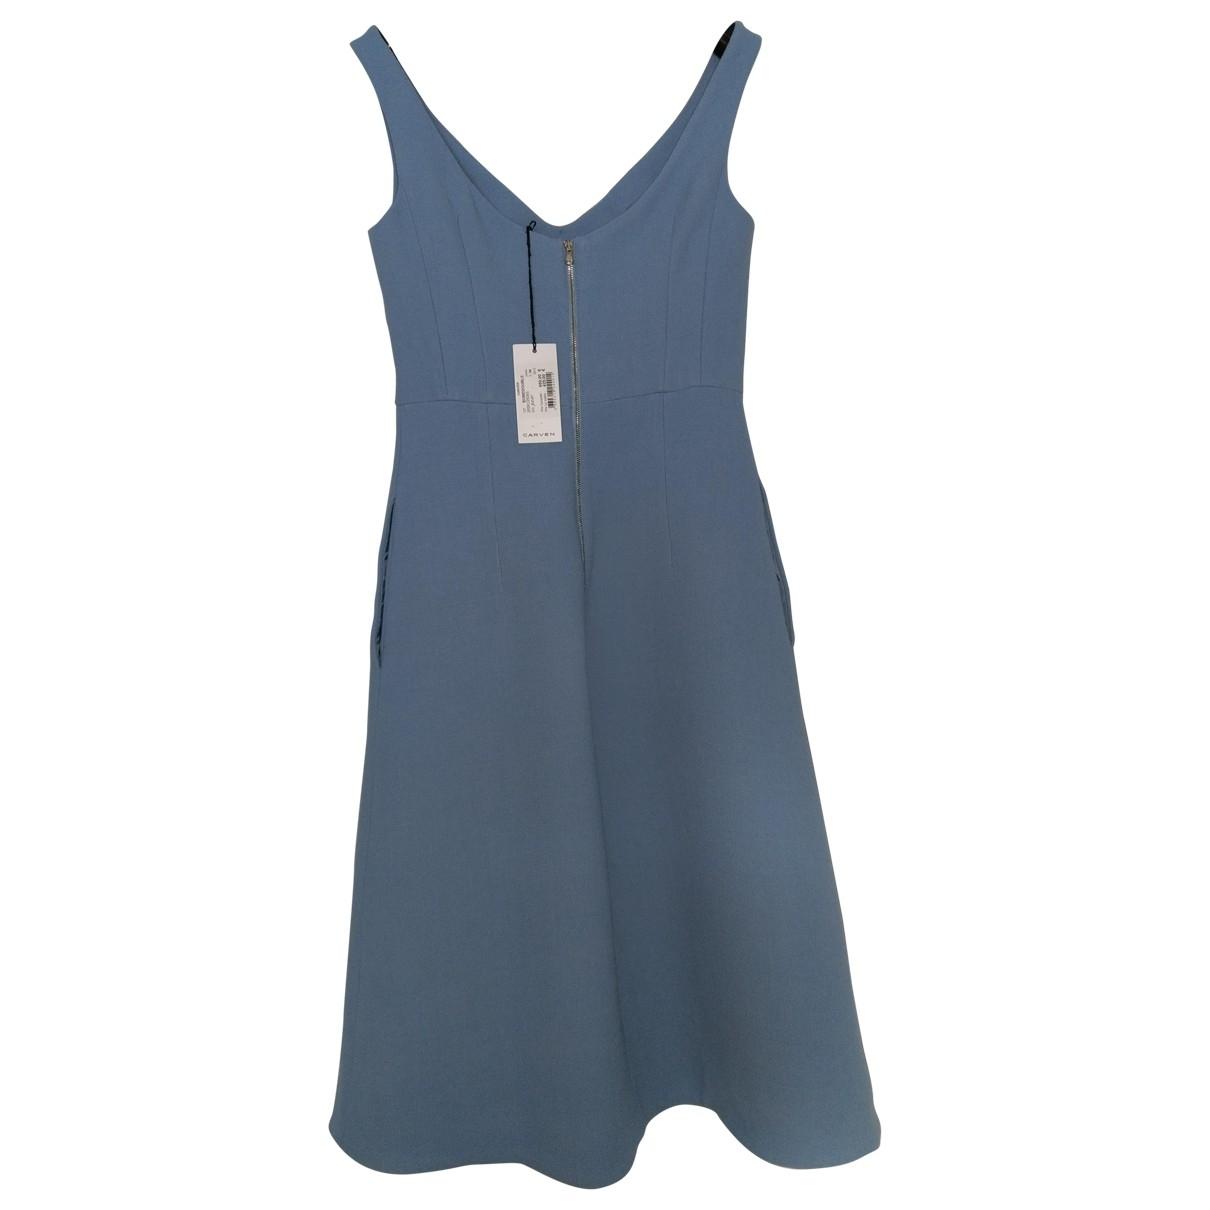 Carven \N Kleid in  Blau Wolle